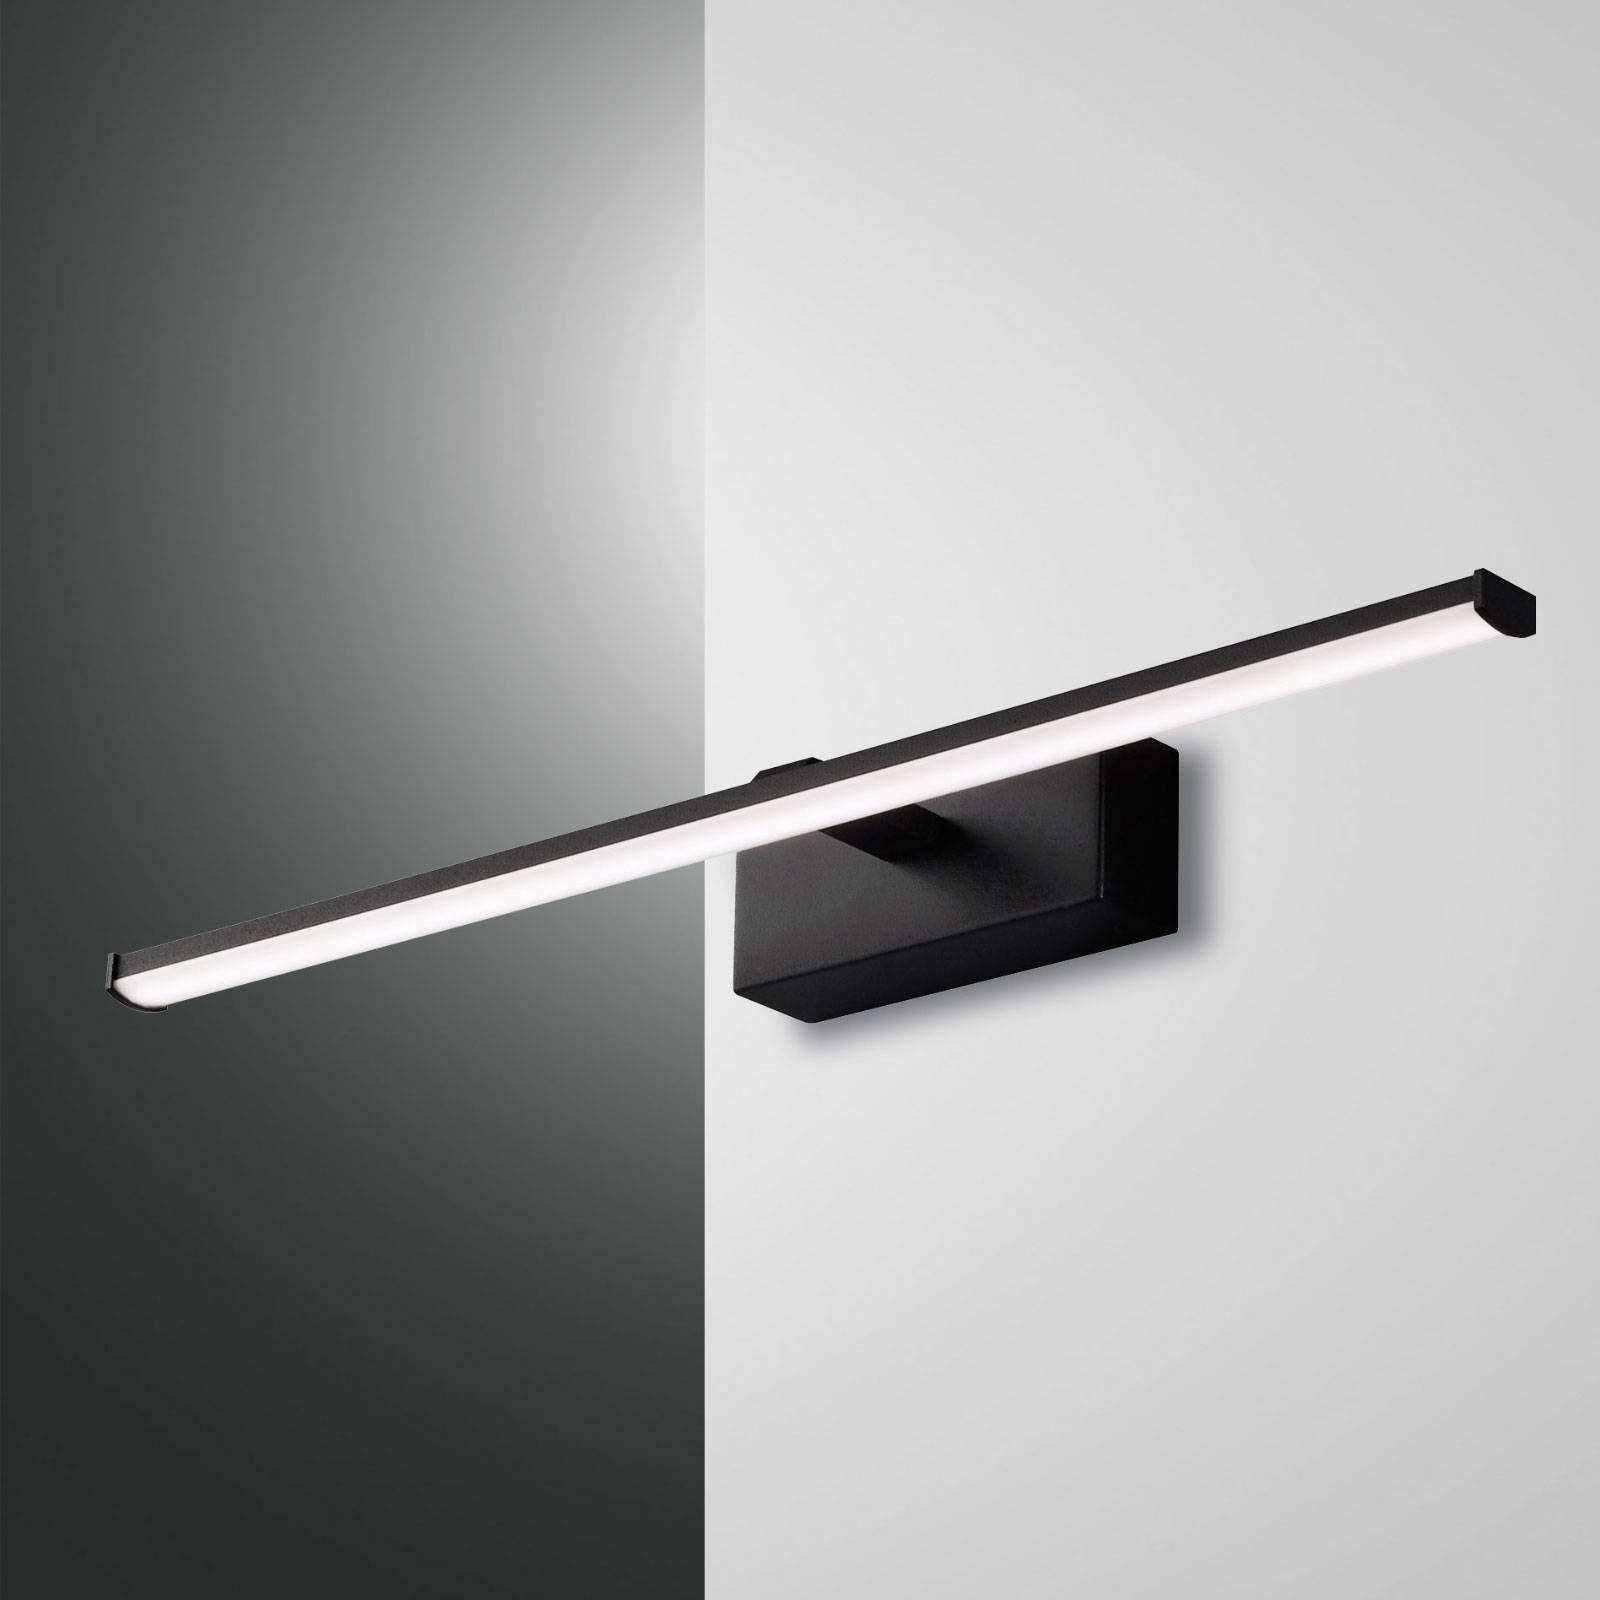 LED-vegglampe Nala, svart, bredde 50 cm